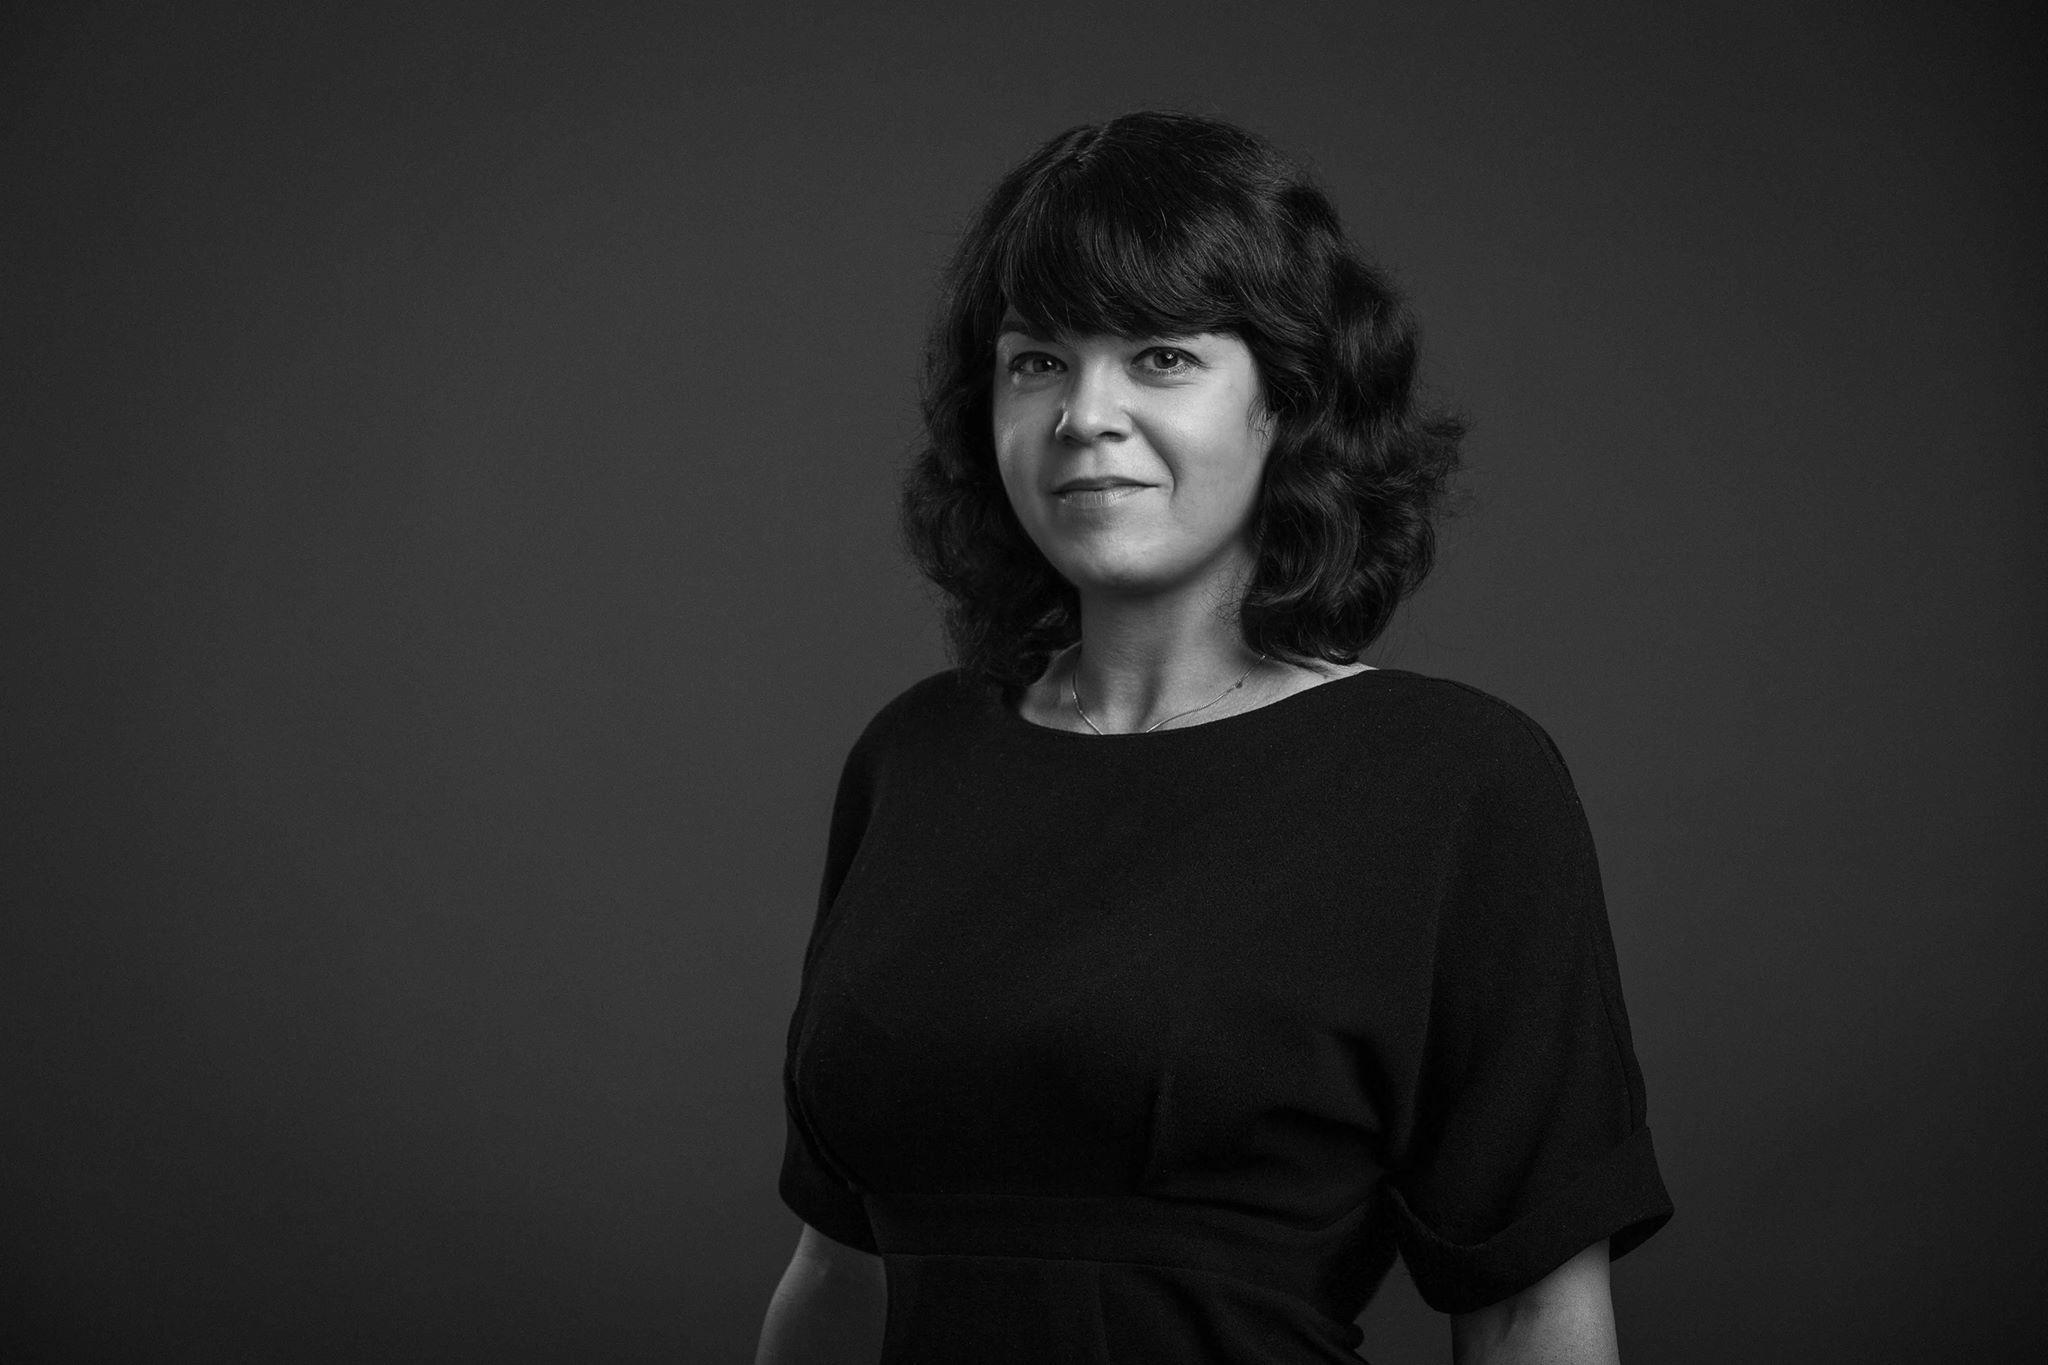 Cécile GOERGEN BENAMMAR